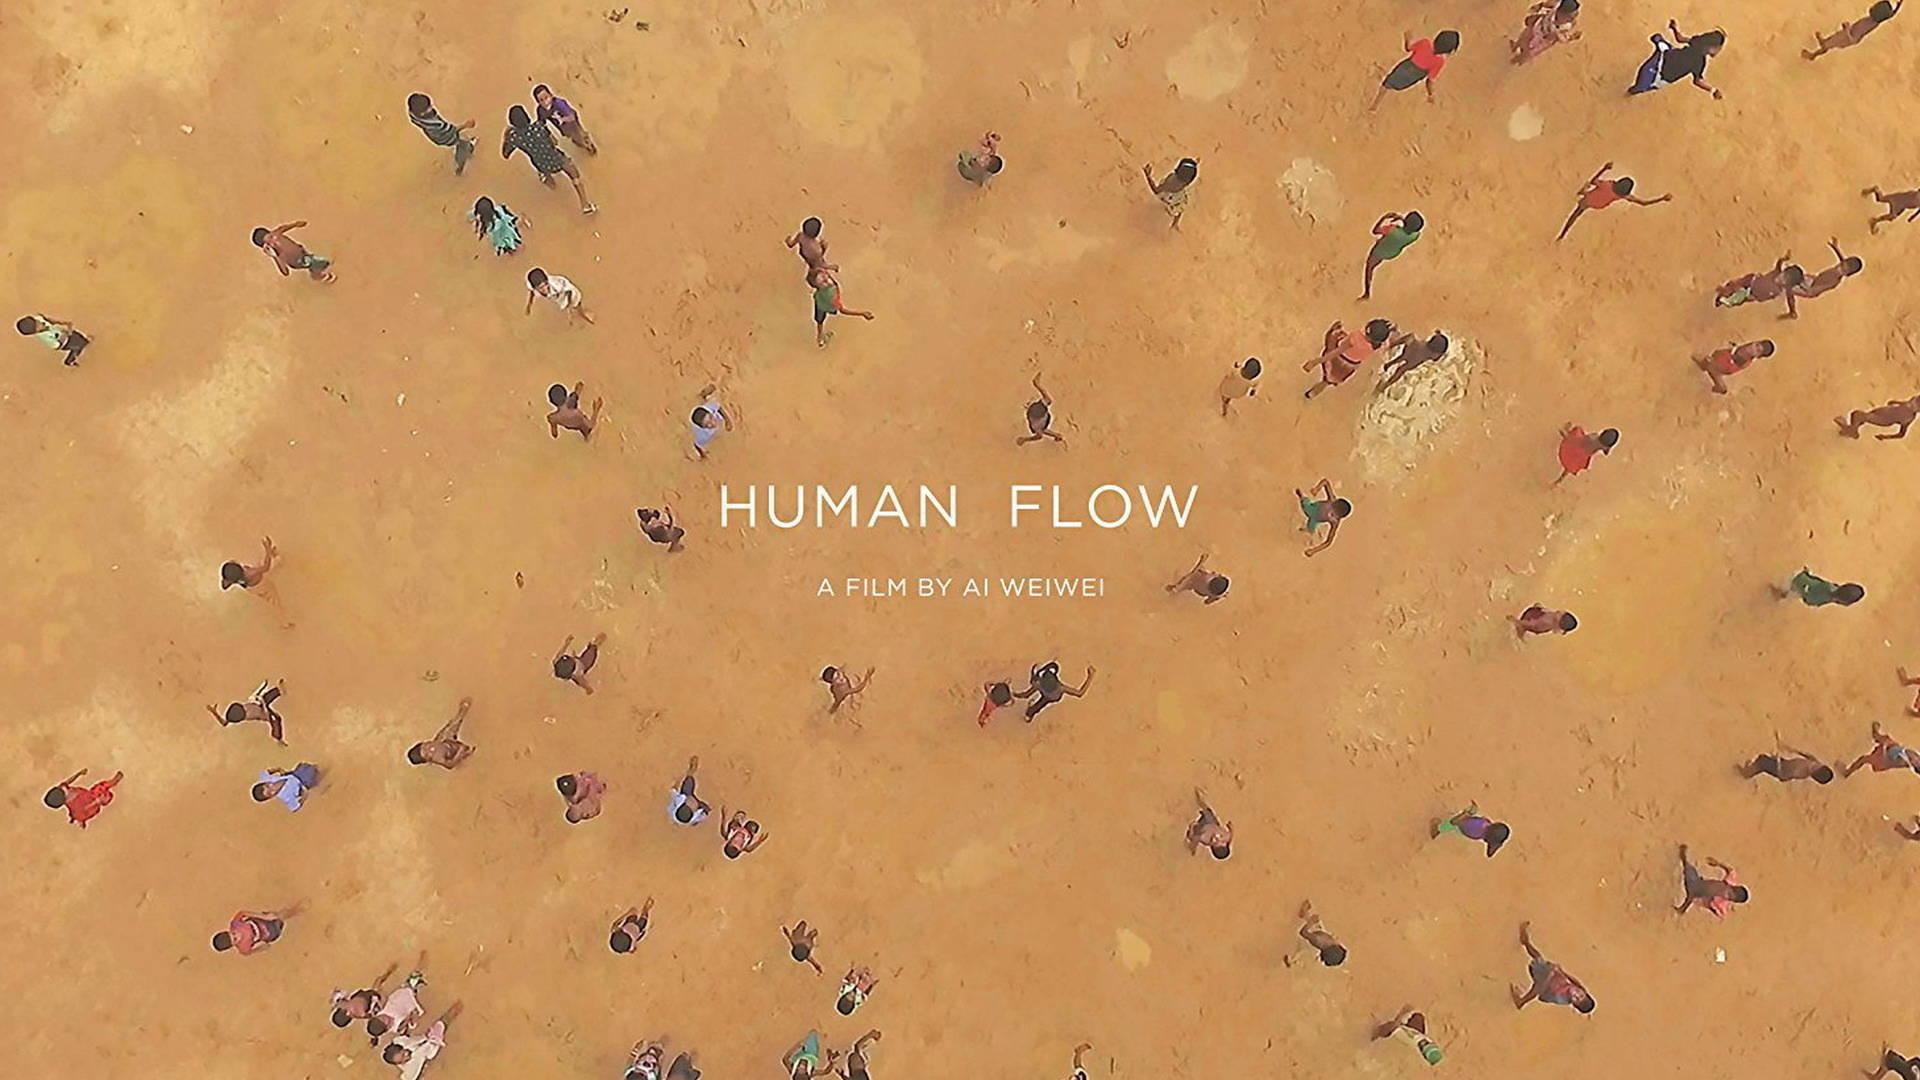 Human Flow World Renowned Artist Amp Activist Ai Weiwei